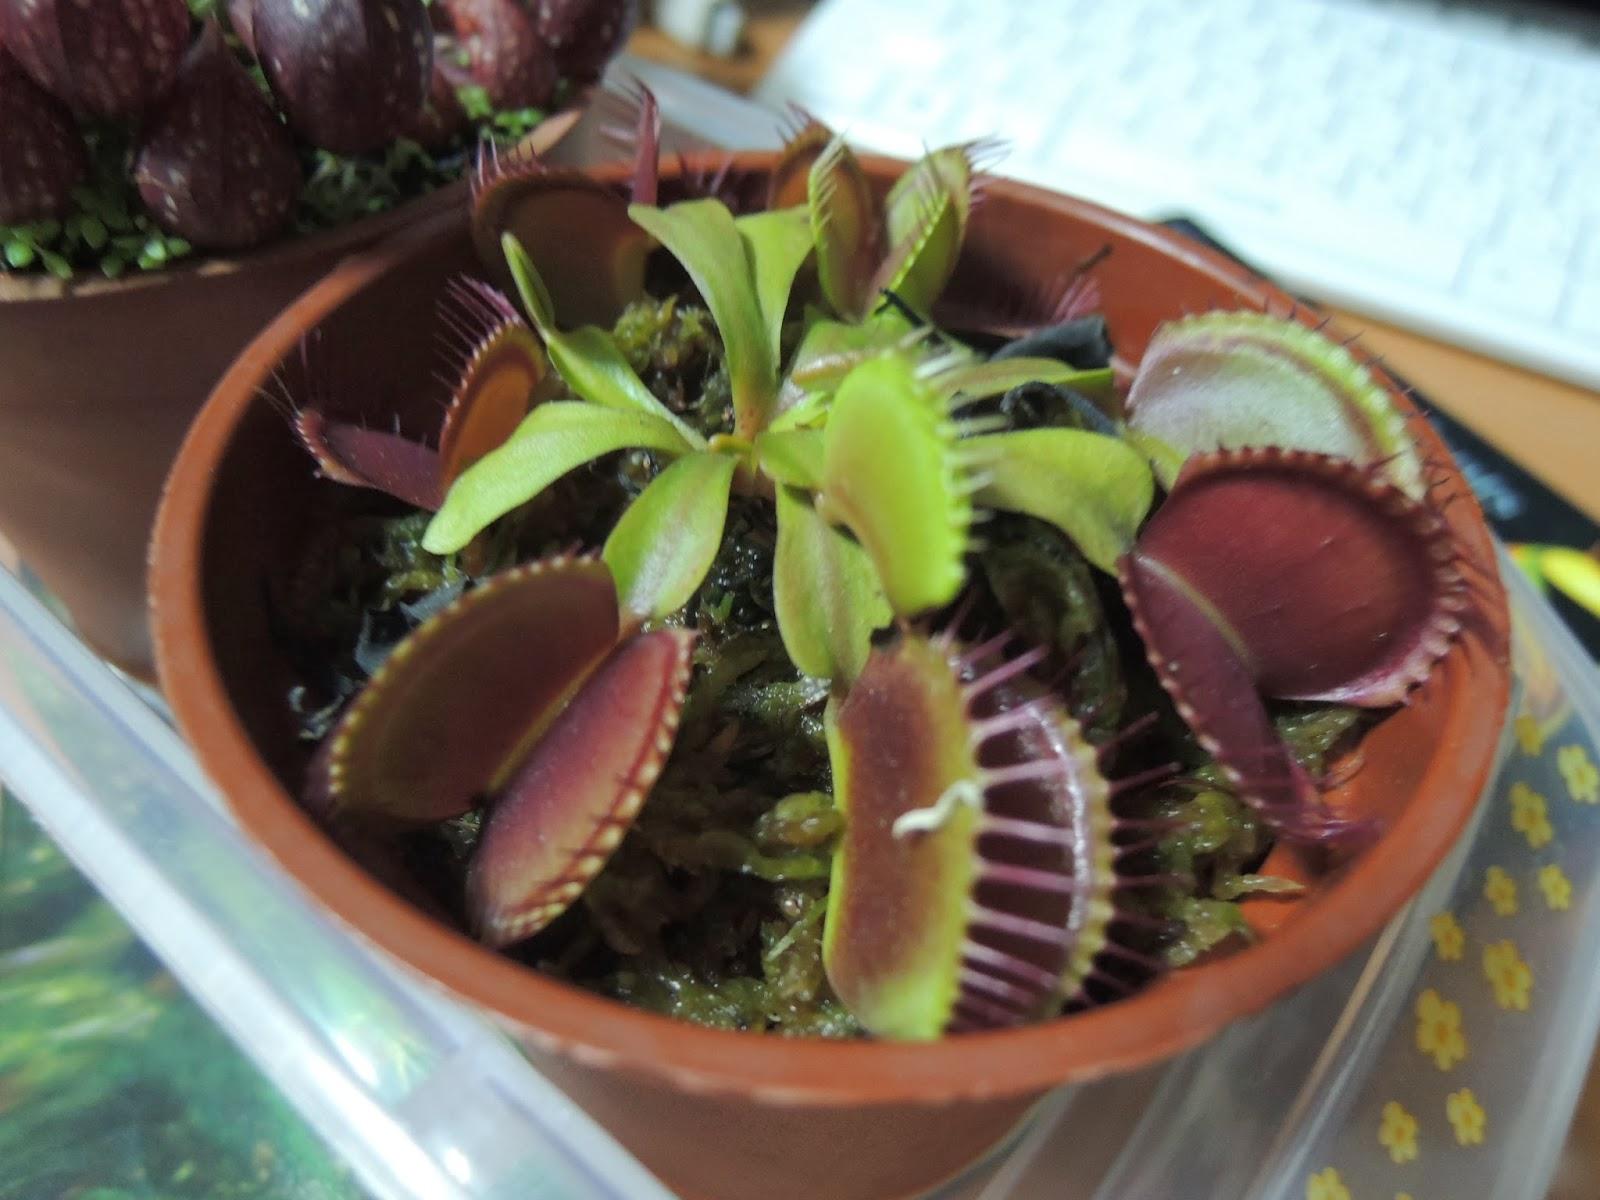 咚咚的食蟲與種子花園: 食蟲植物首PO-捕蠅草環境與幾種瓶子草與捕蠅草園藝種